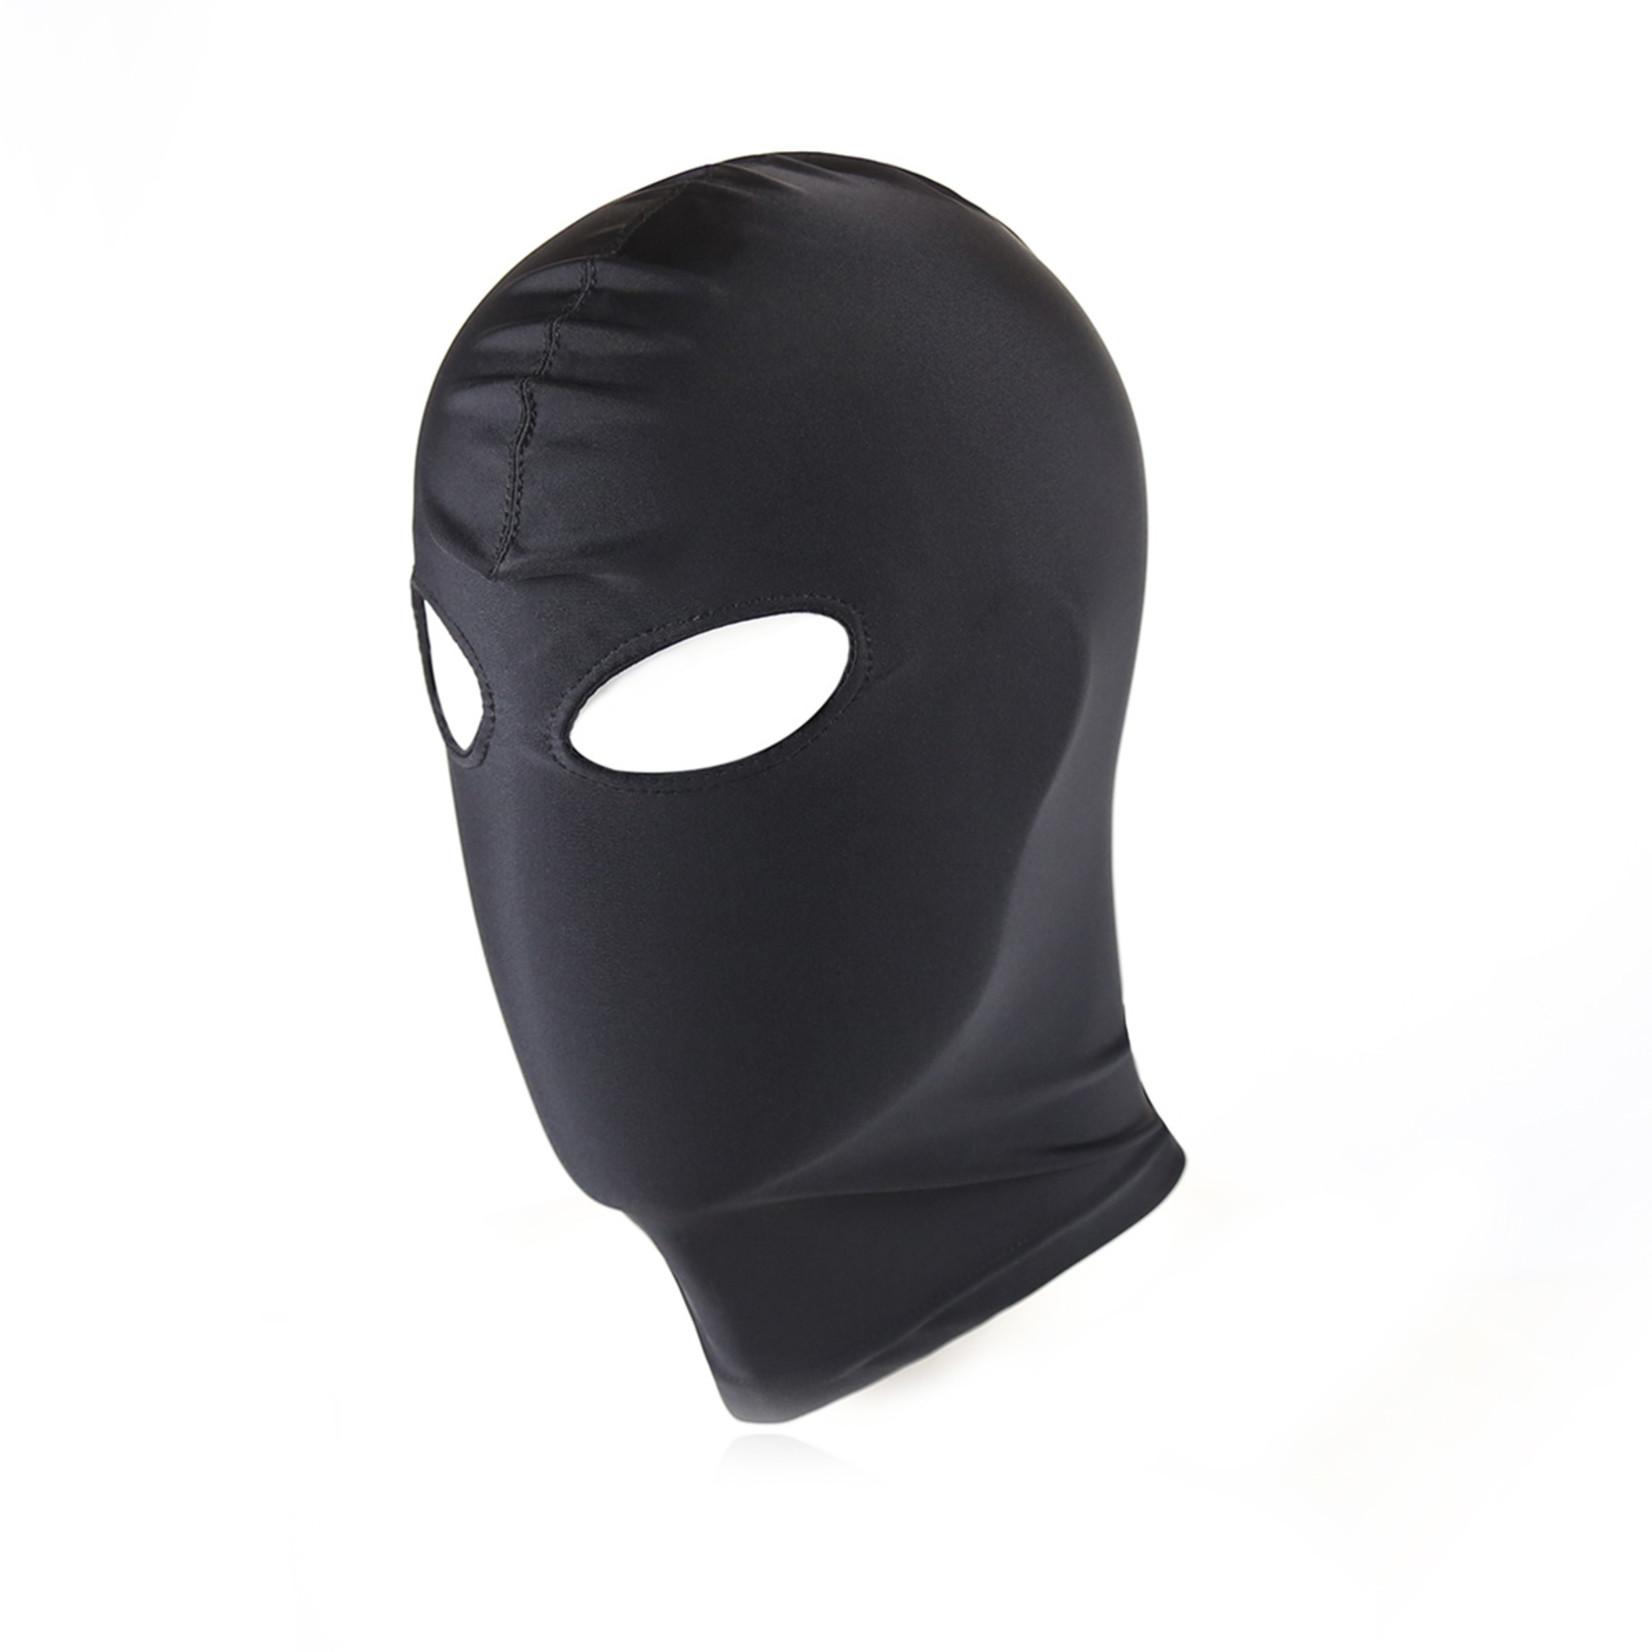 KIOTOS Leather Black BDSM Hood Eyes Only